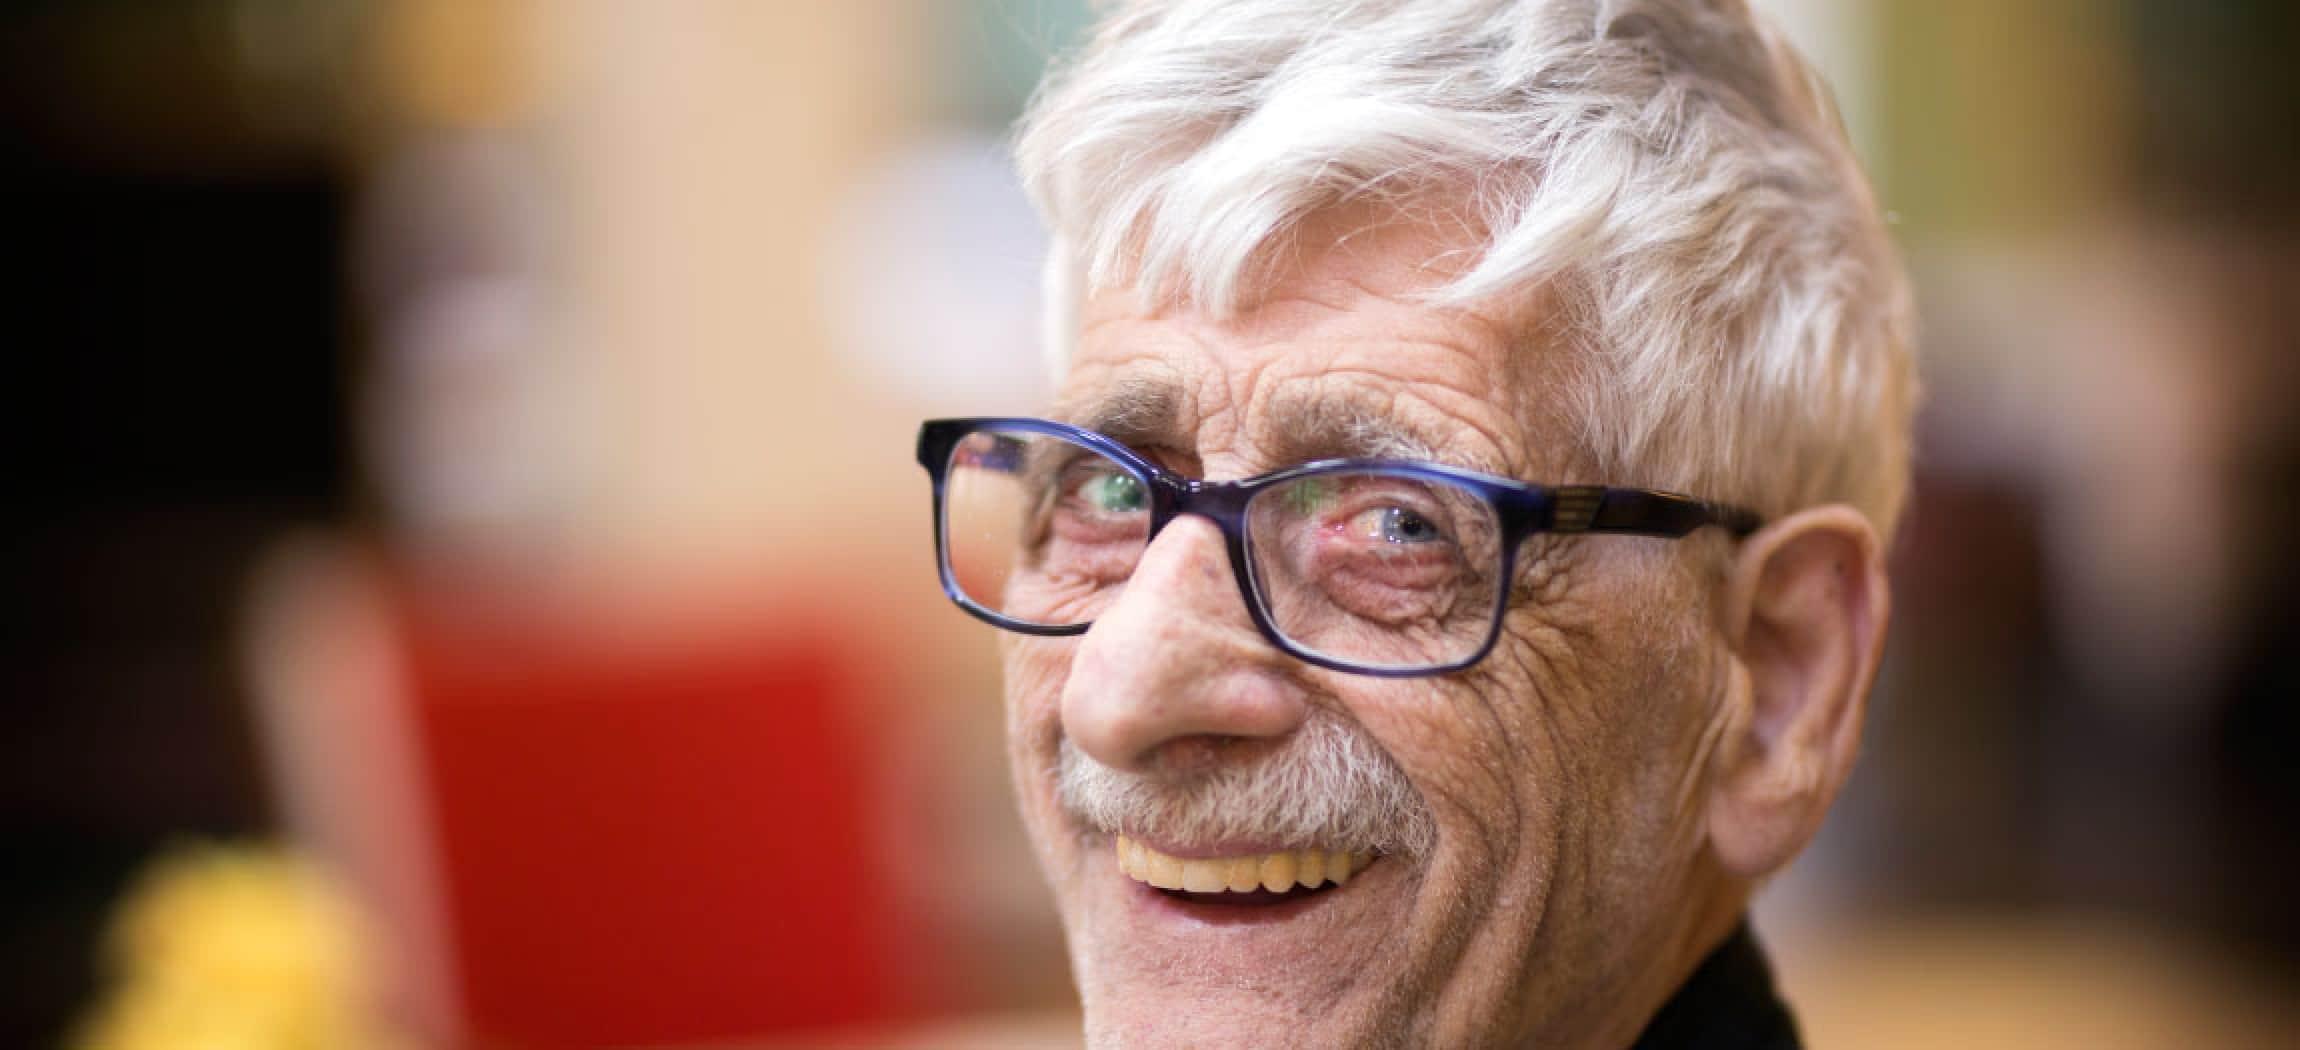 Gerimpelde oude man met grijs pluizig haar en bril kijkt vrolijk om